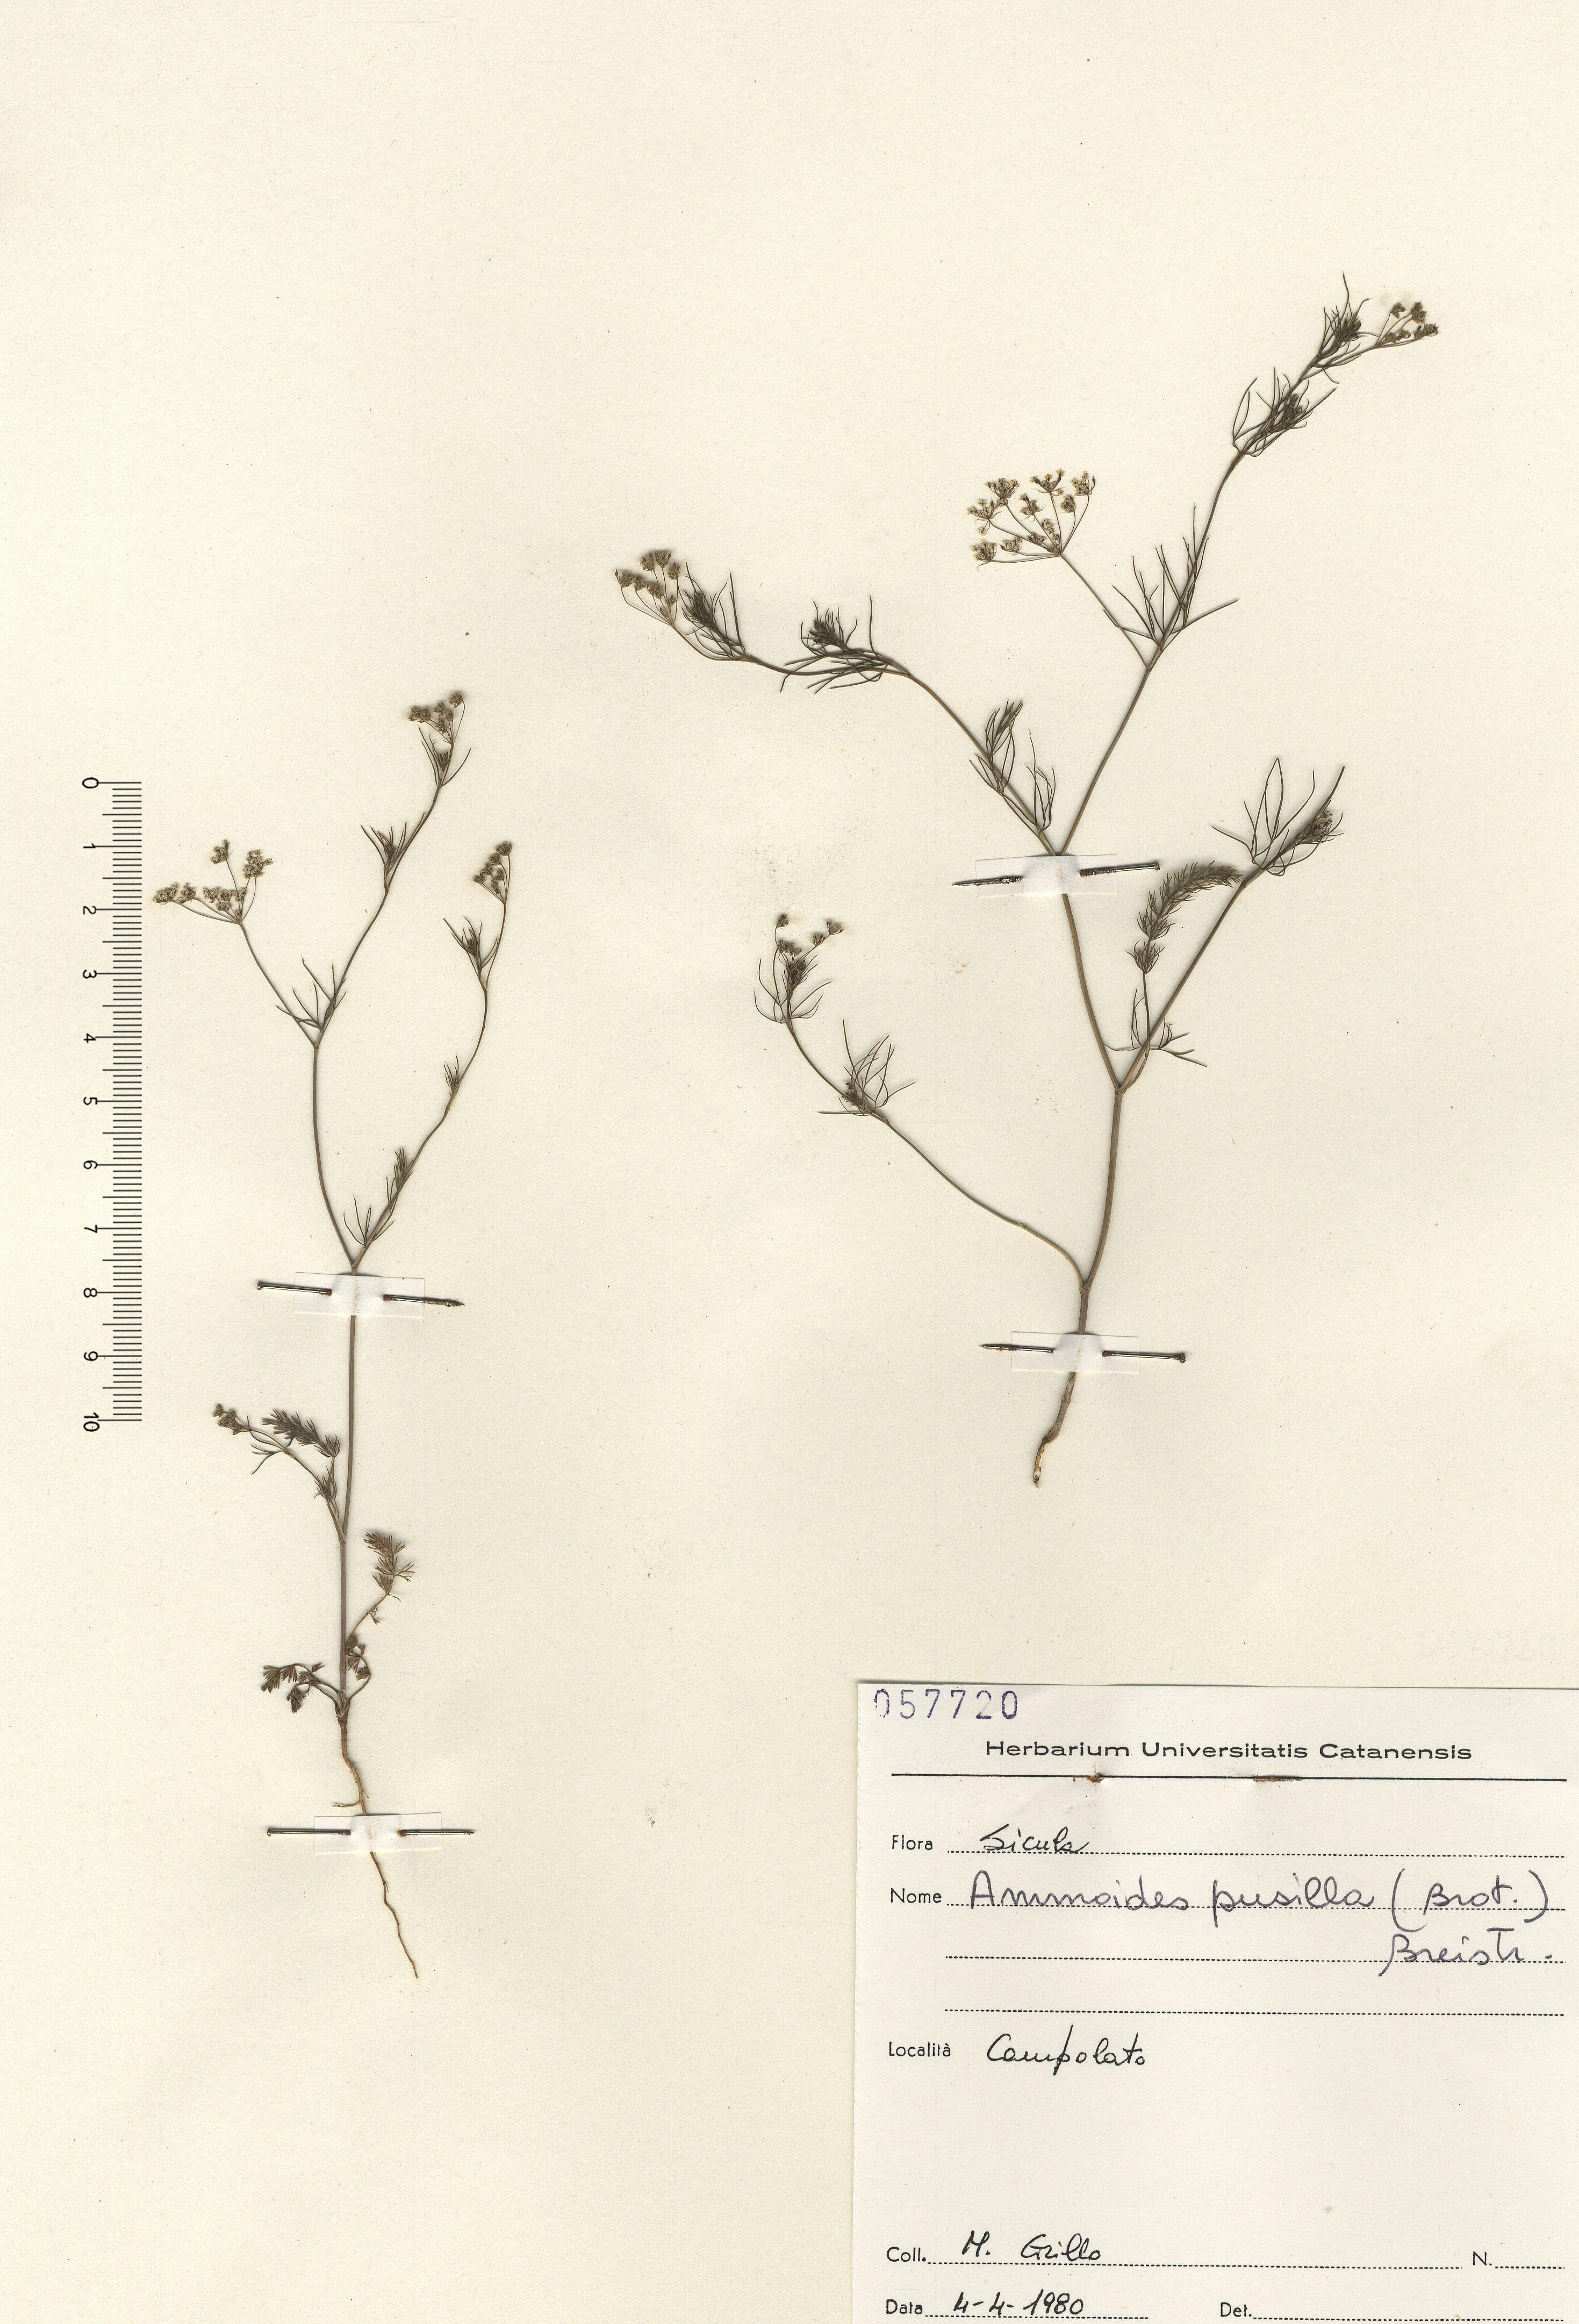 © Hortus Botanicus Catinensis - Herb sheet 057720<br>